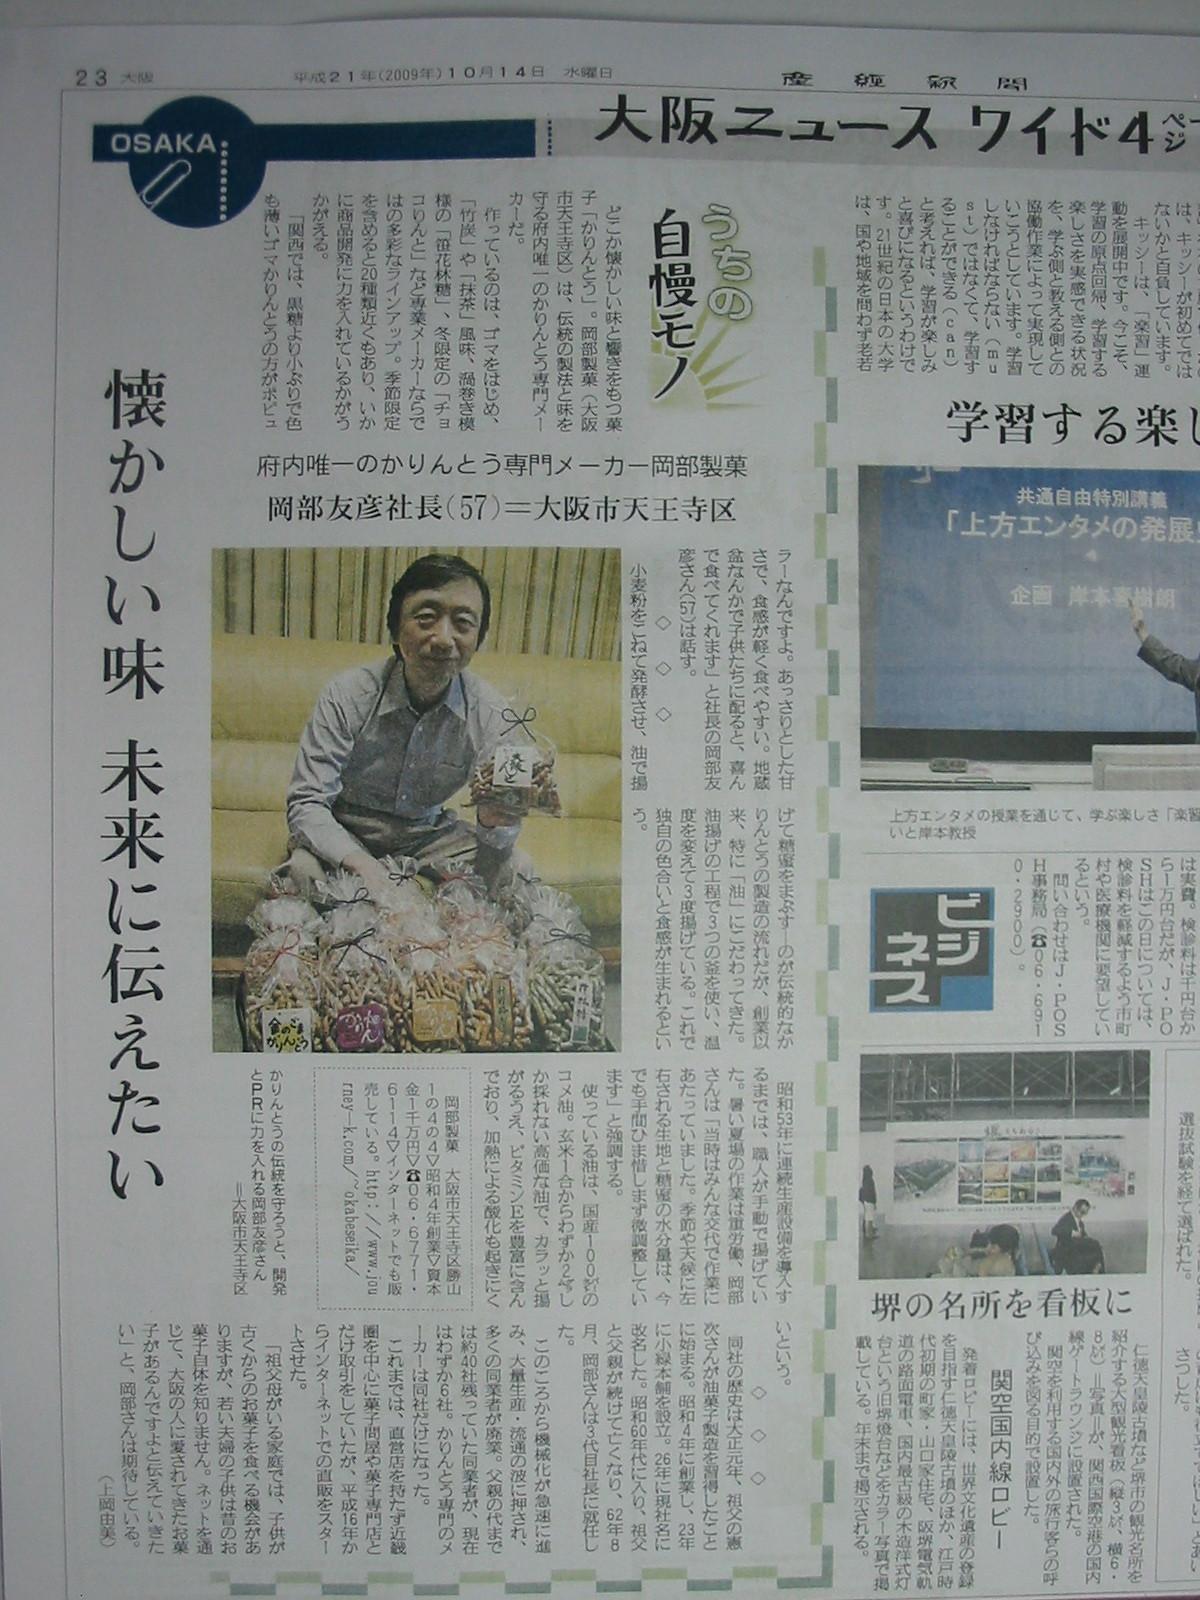 産経新聞_歴史ページ差換え用.jpg